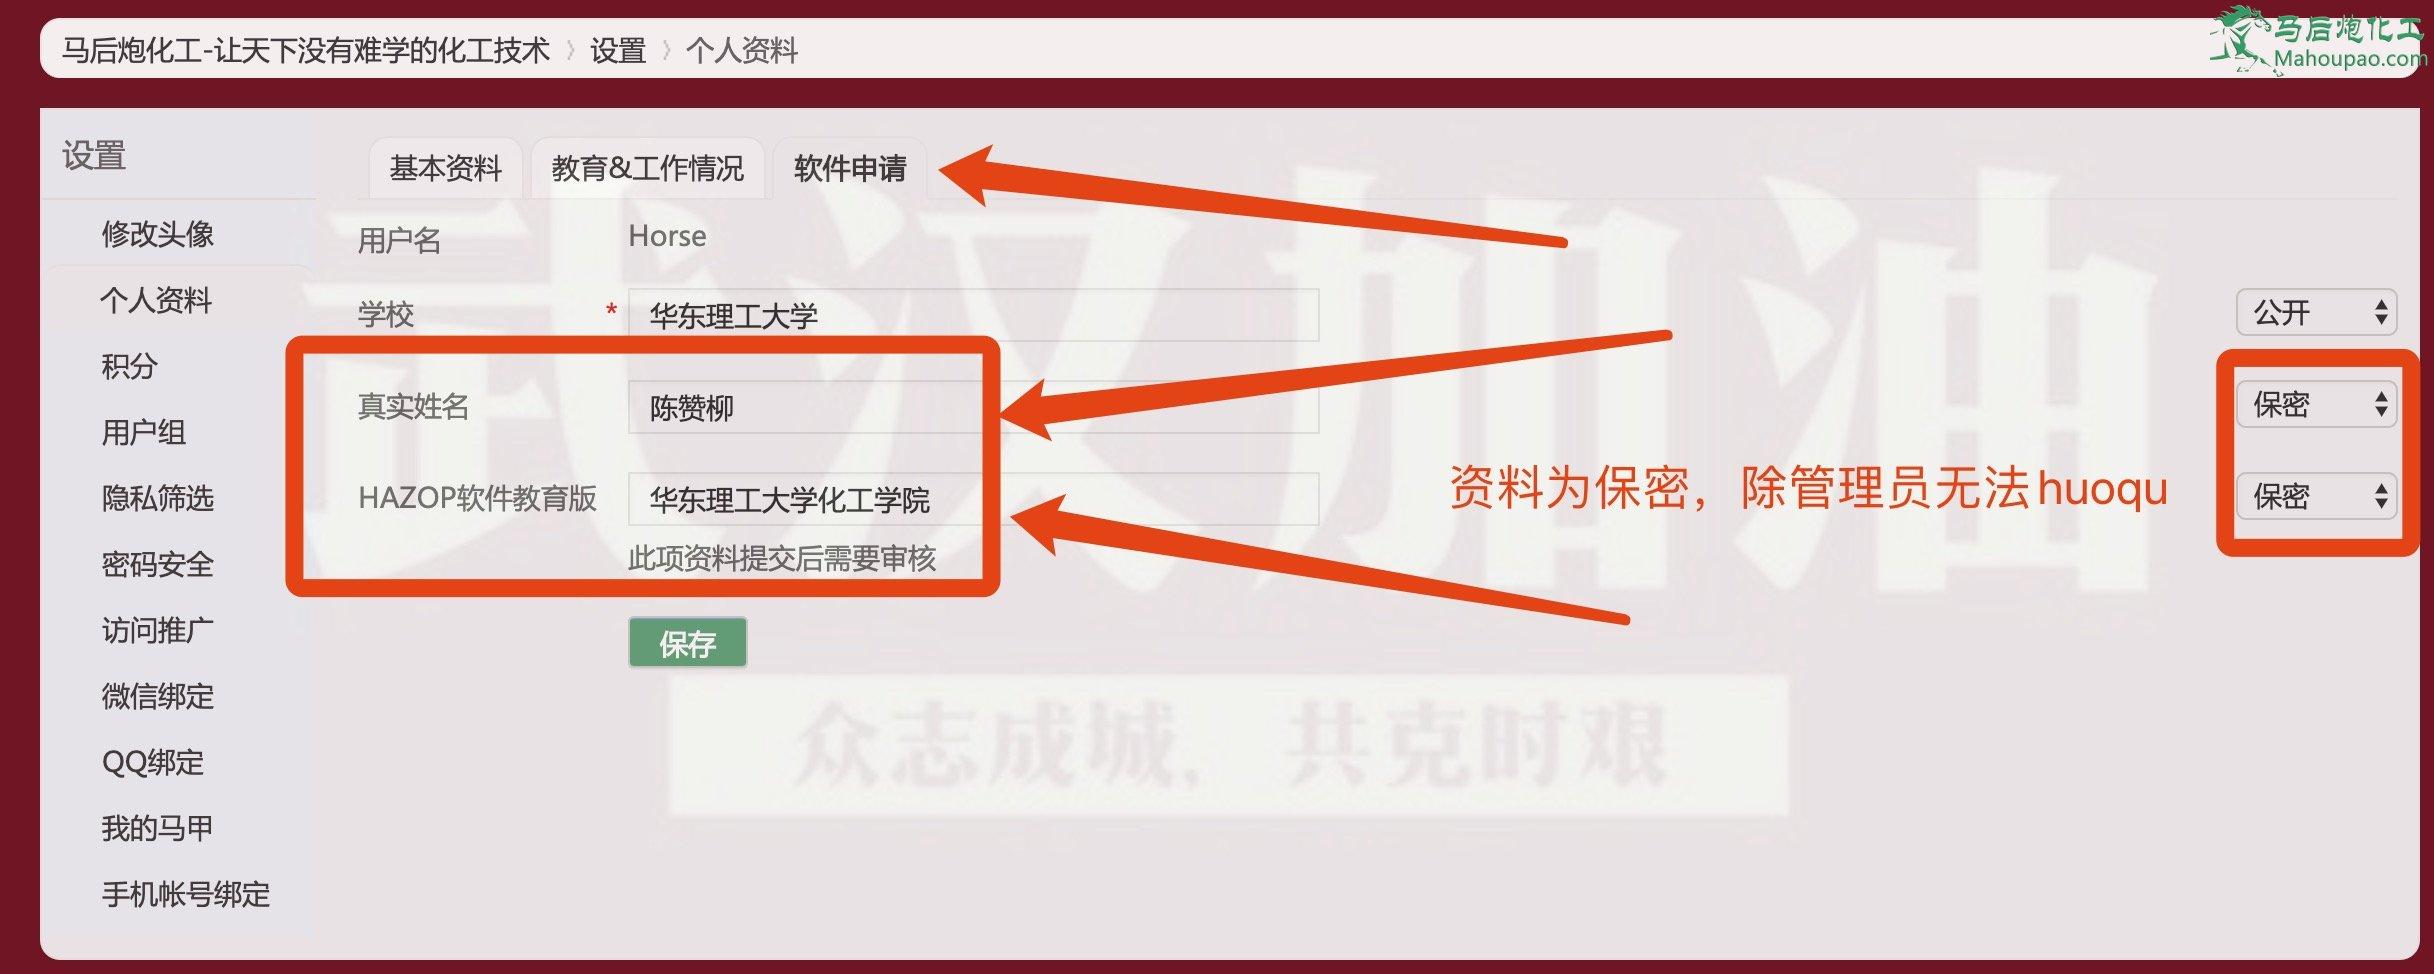 马后炮化工-让天下没有难学的化工技术-20111.jpg